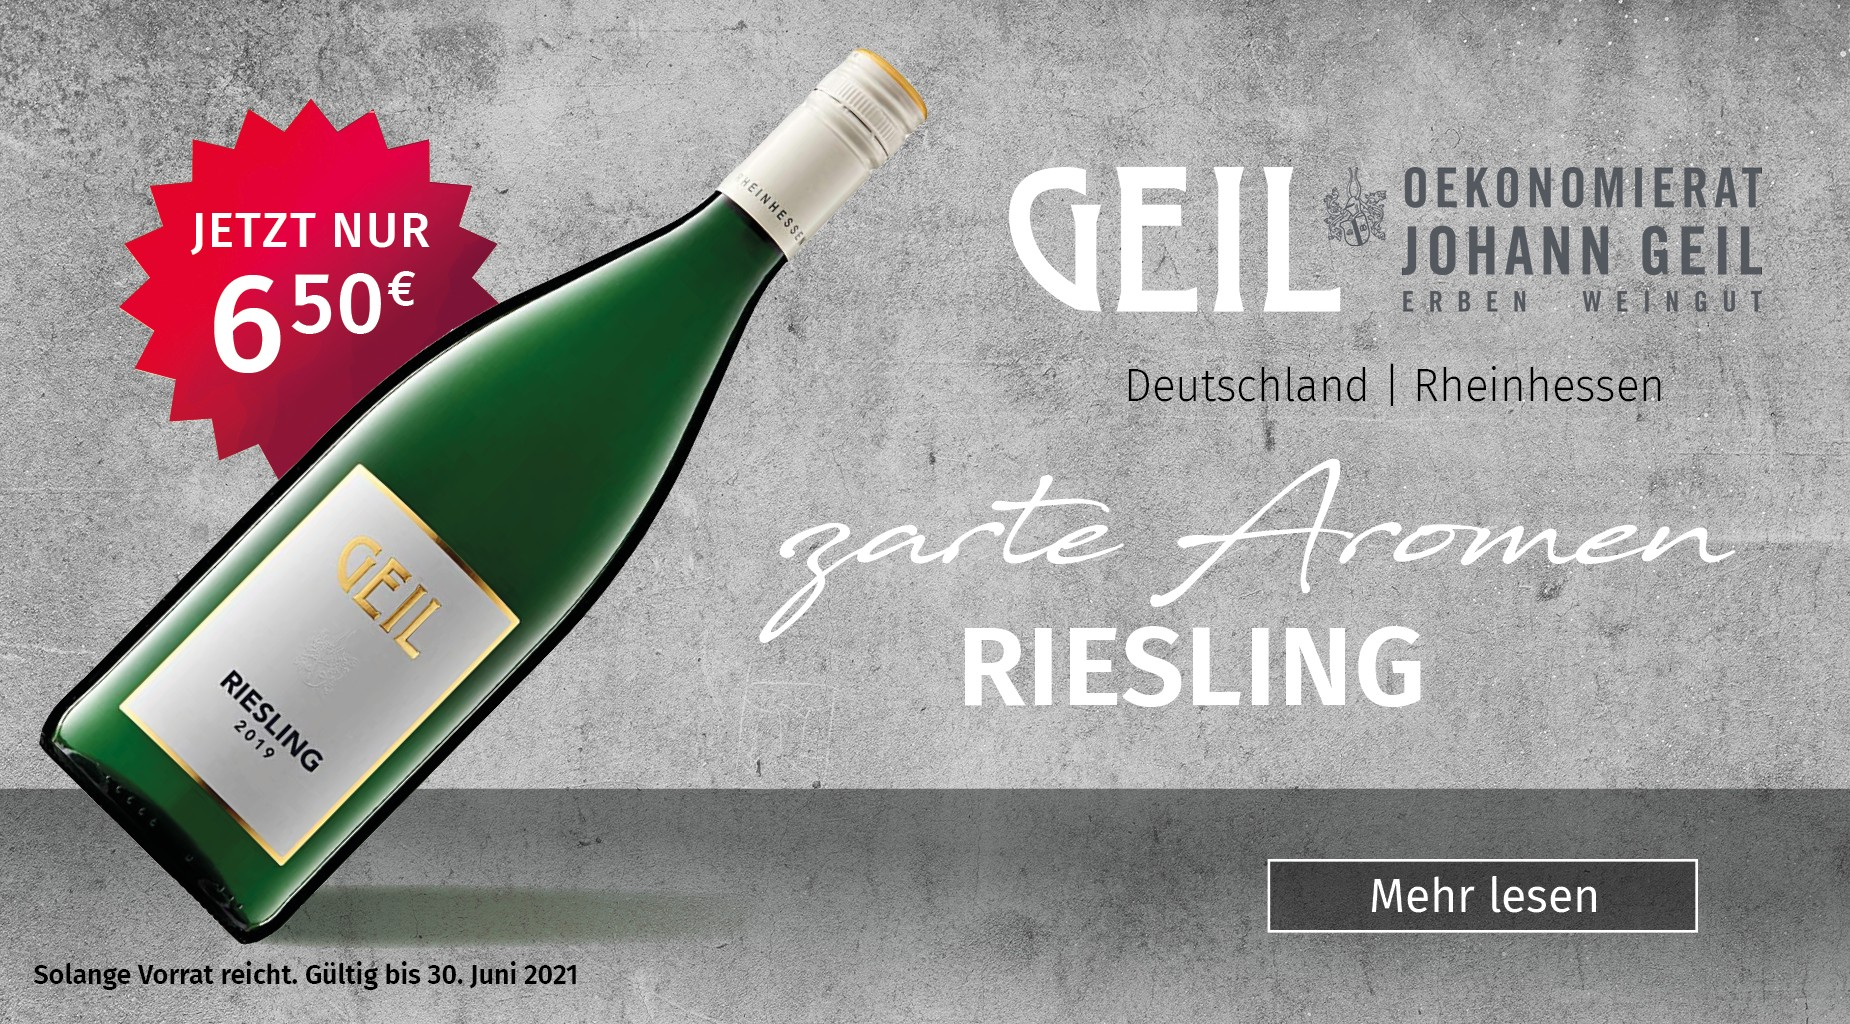 Riesling Weingut Geil, Wein Cabinet Briem Wachtberg-Berkum